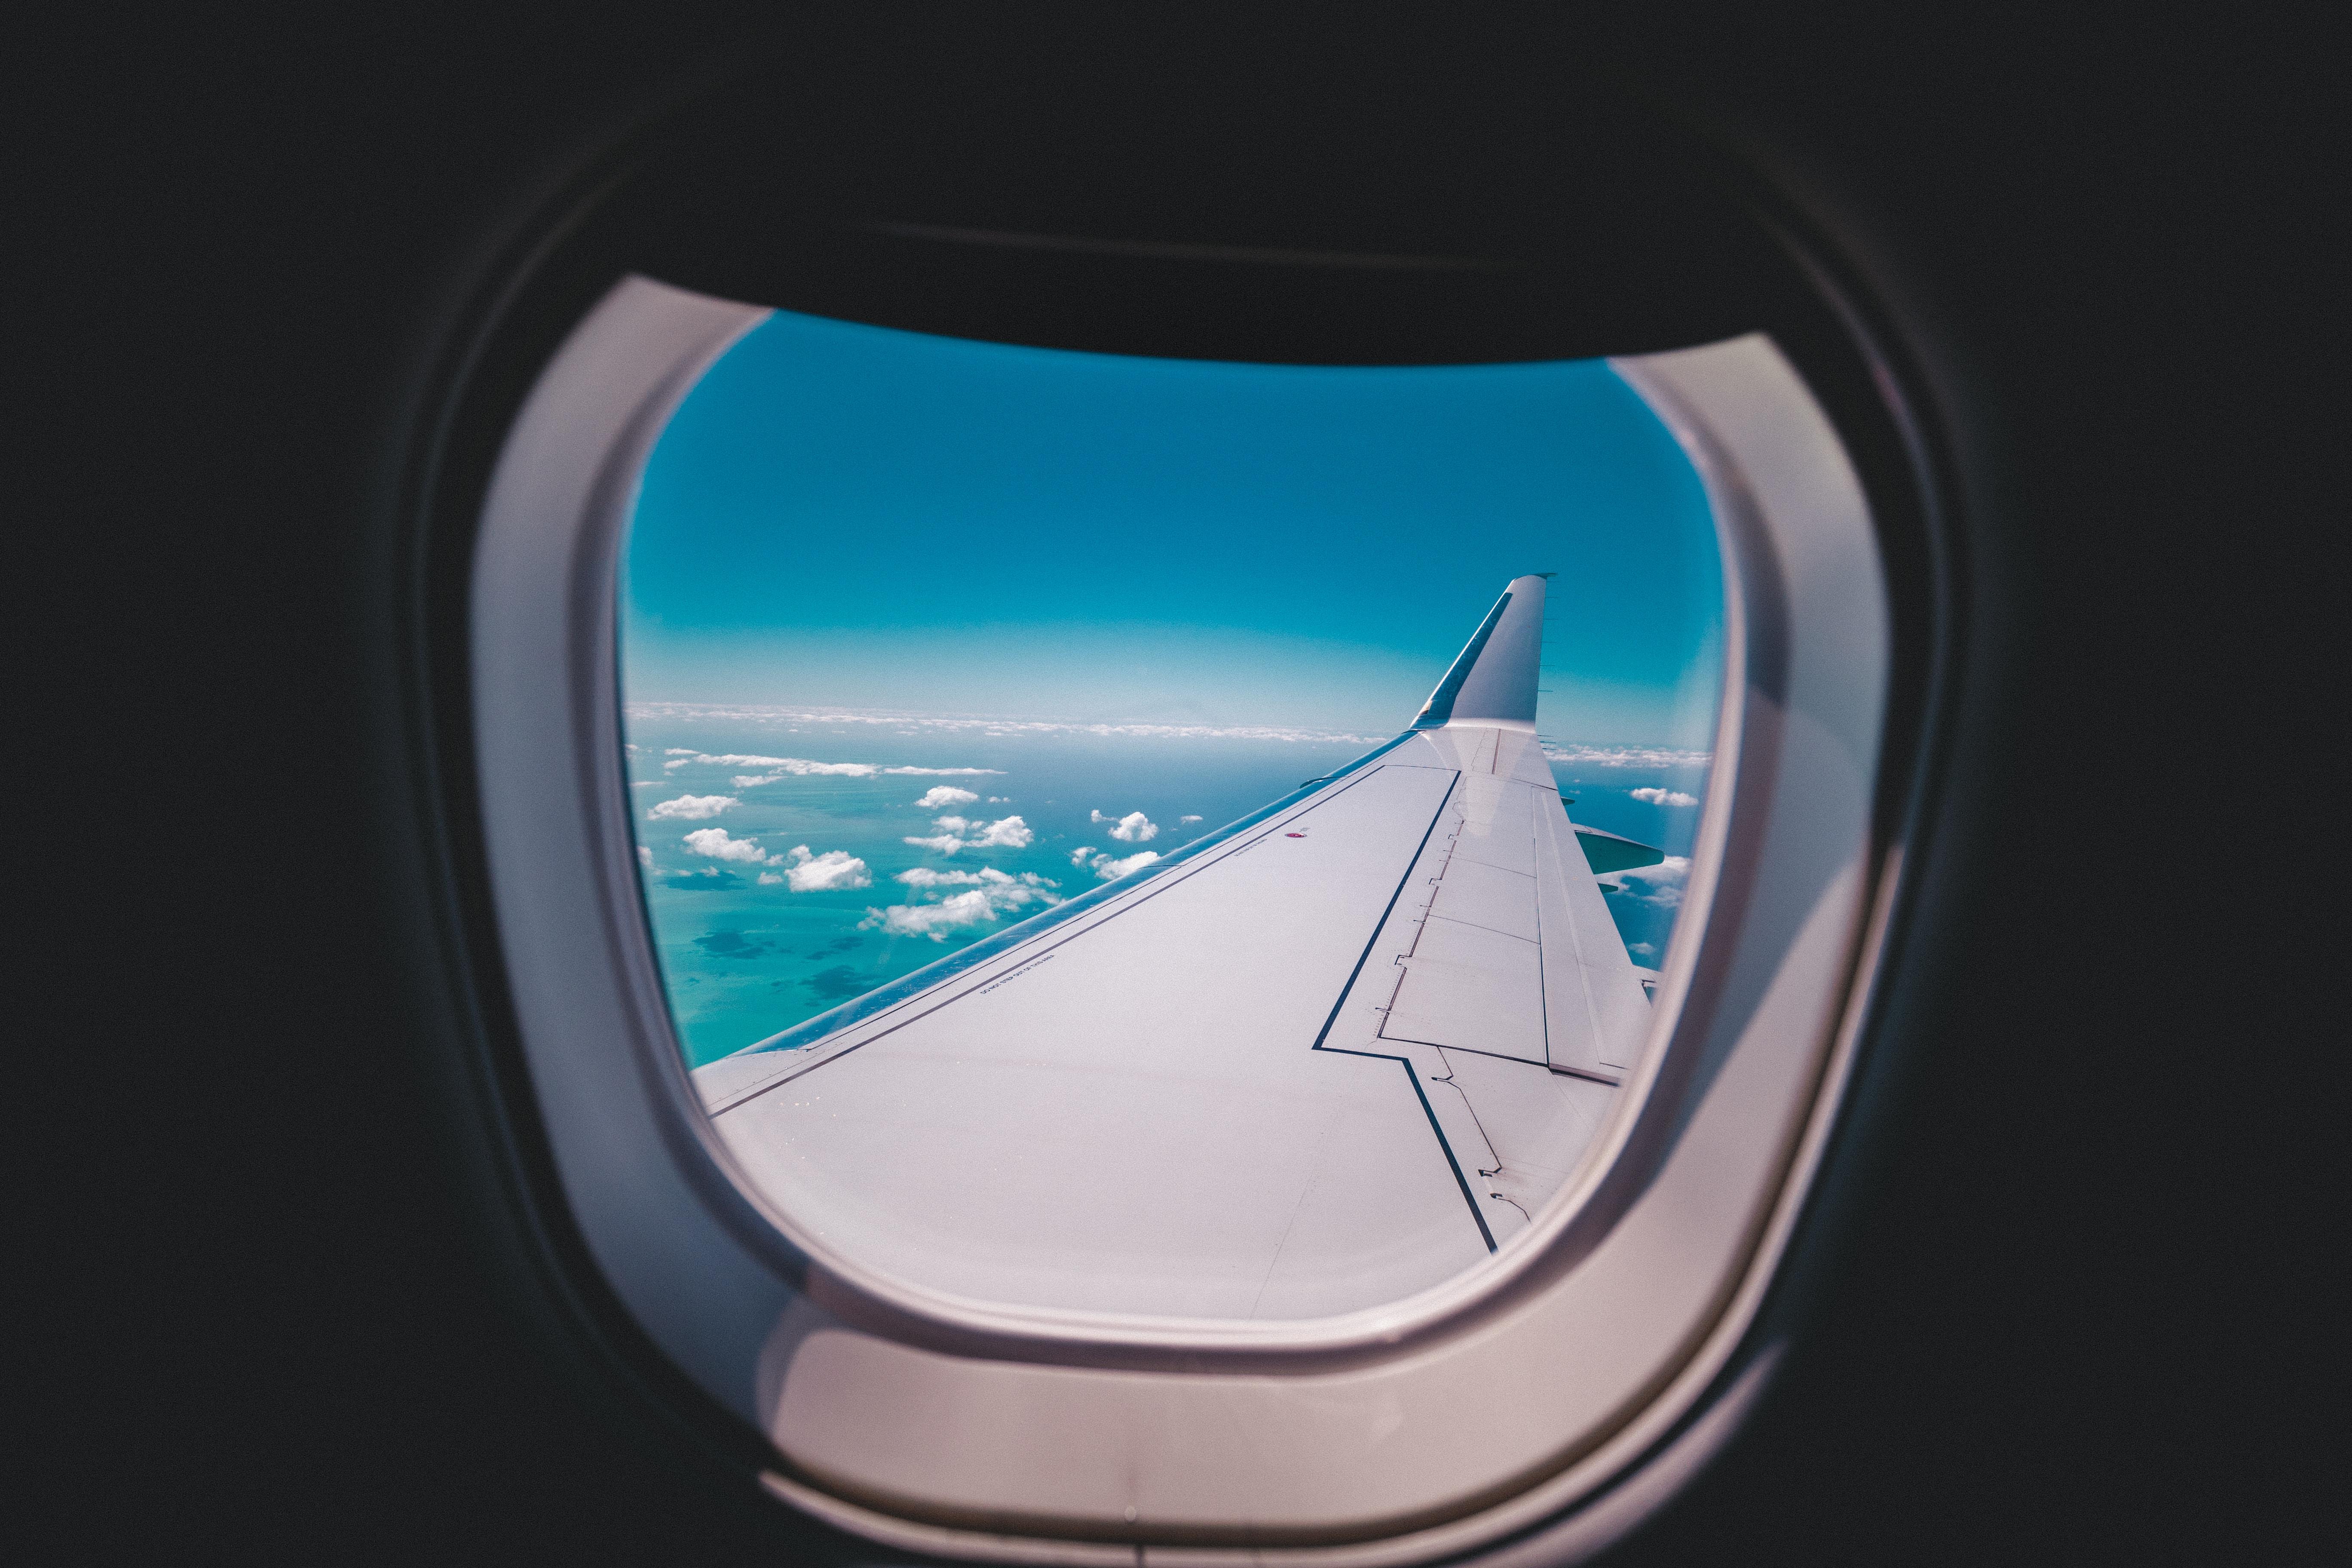 Fly, airplain, skies, skyer, rejse, rejser, sommerferie, ferie. (Foto: Unsplash)